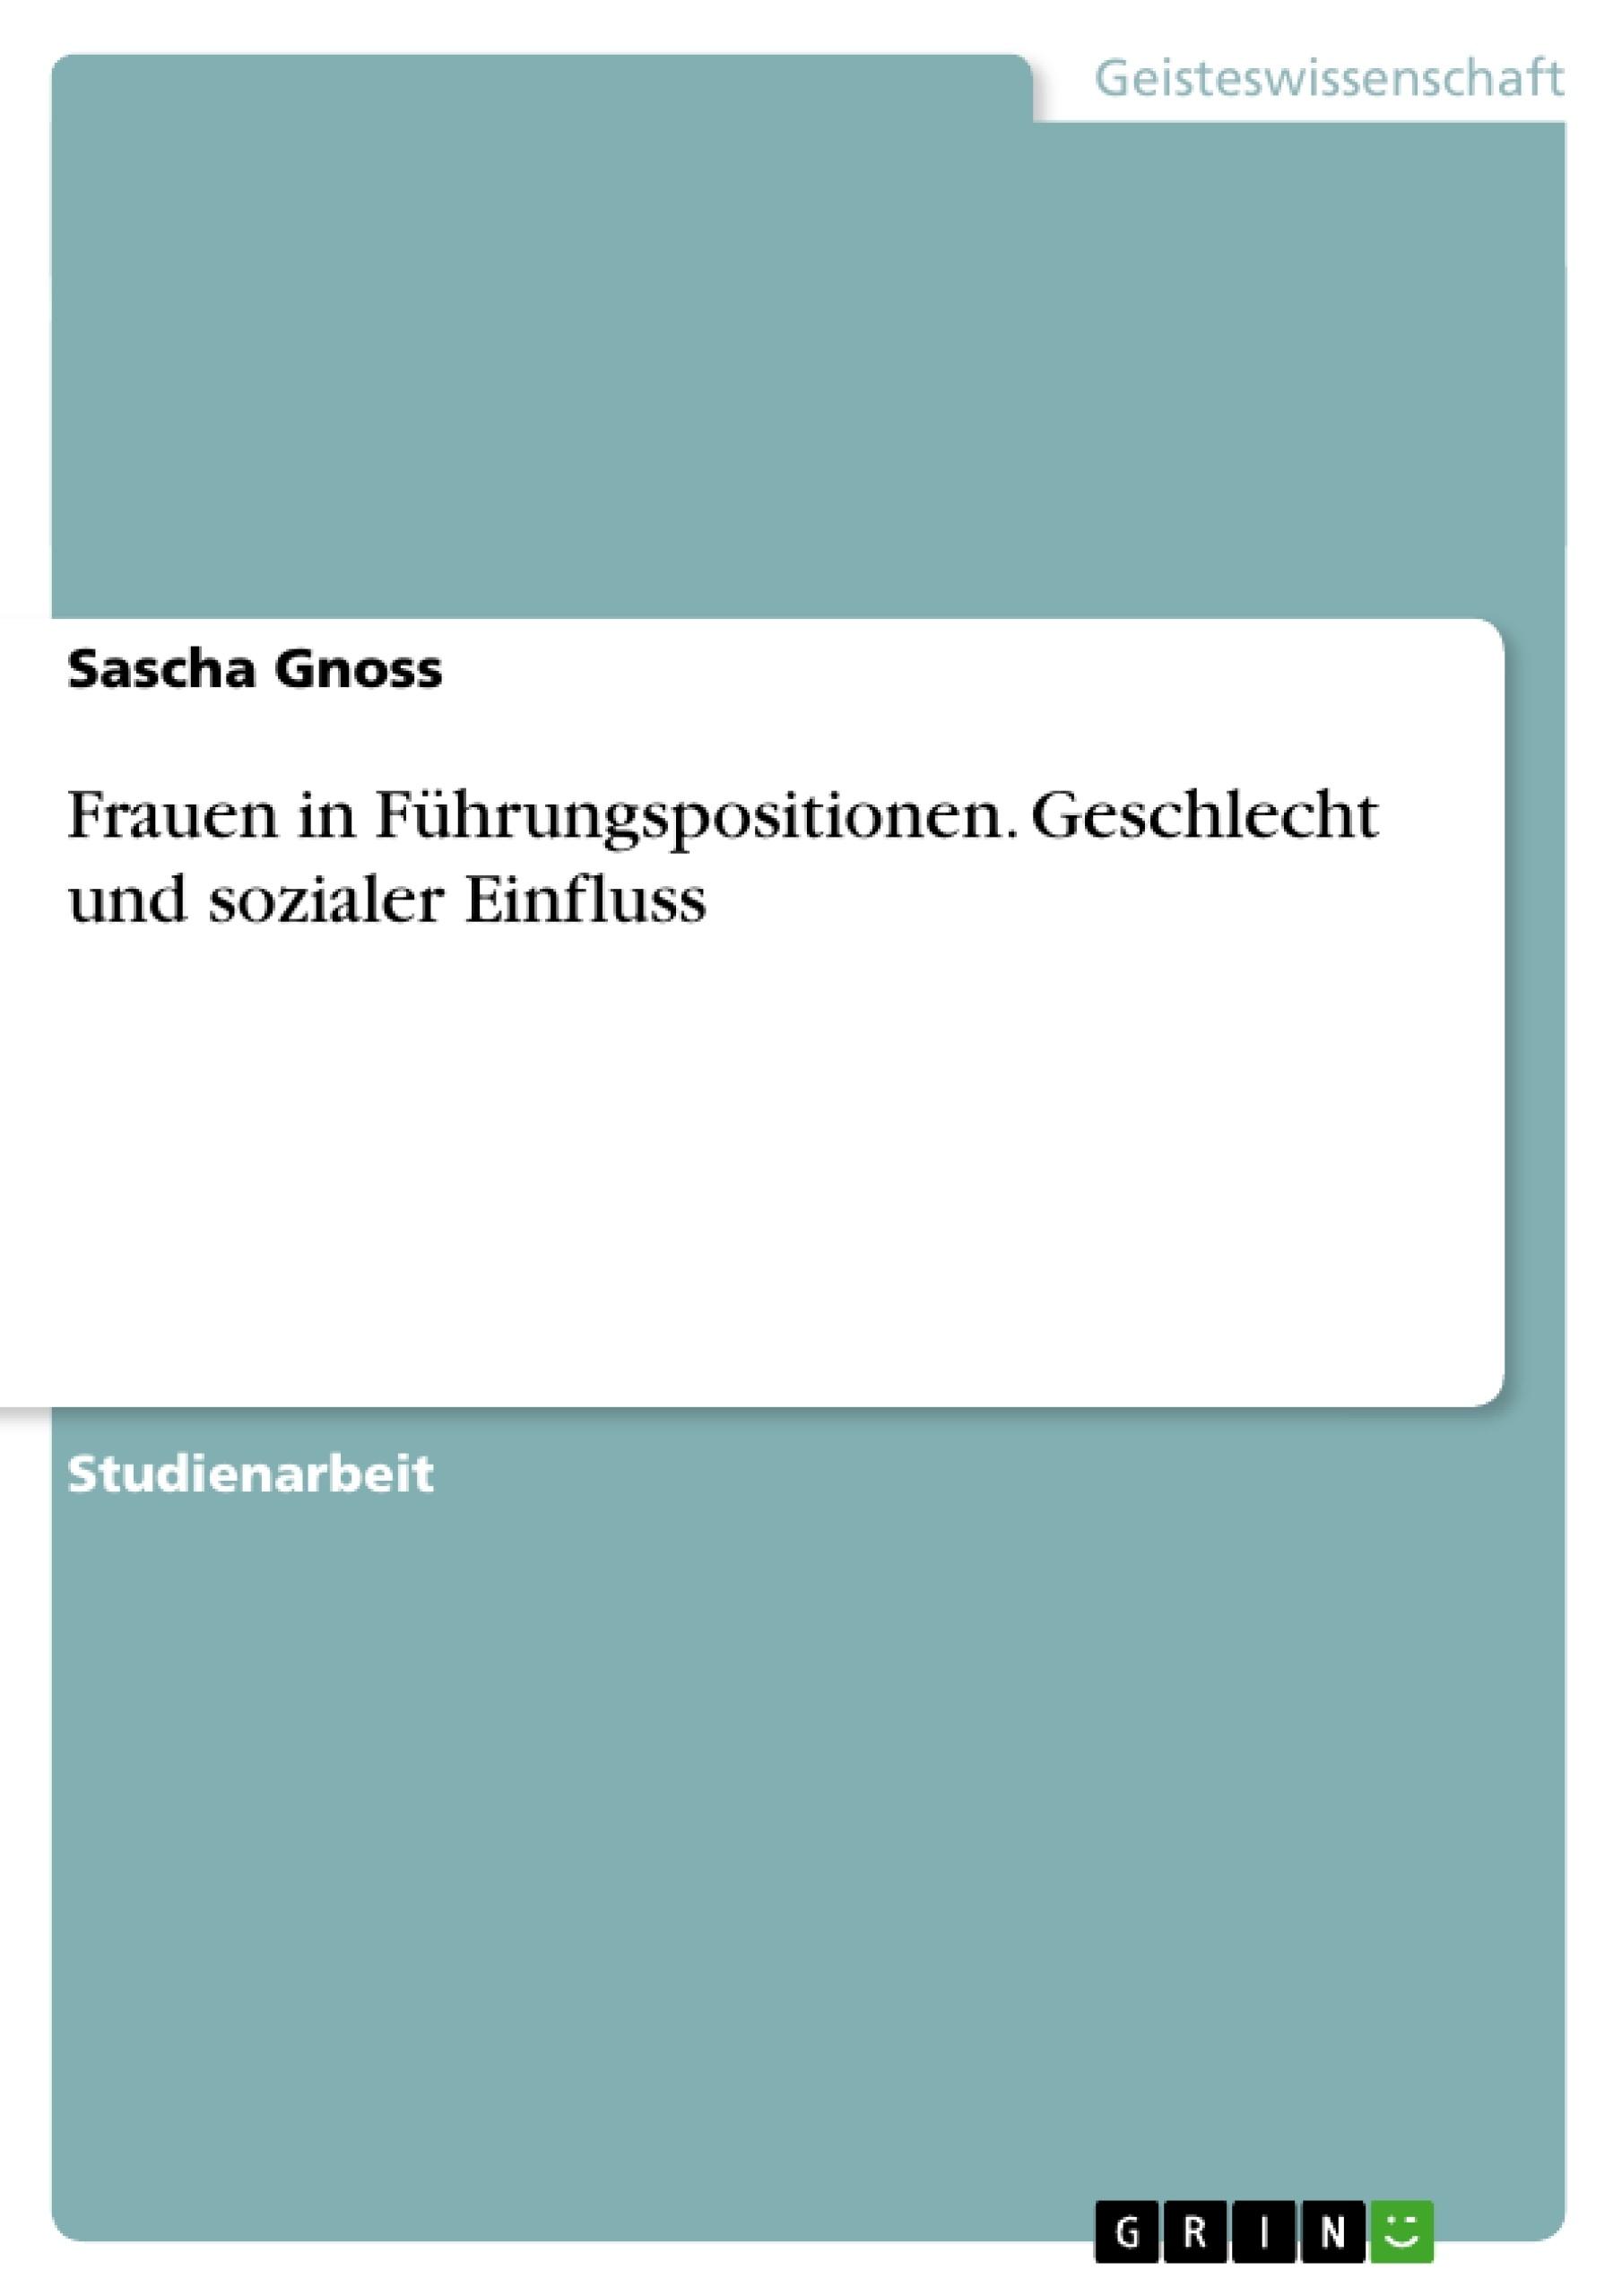 Titel: Frauen in Führungspositionen. Geschlecht und sozialer Einfluss